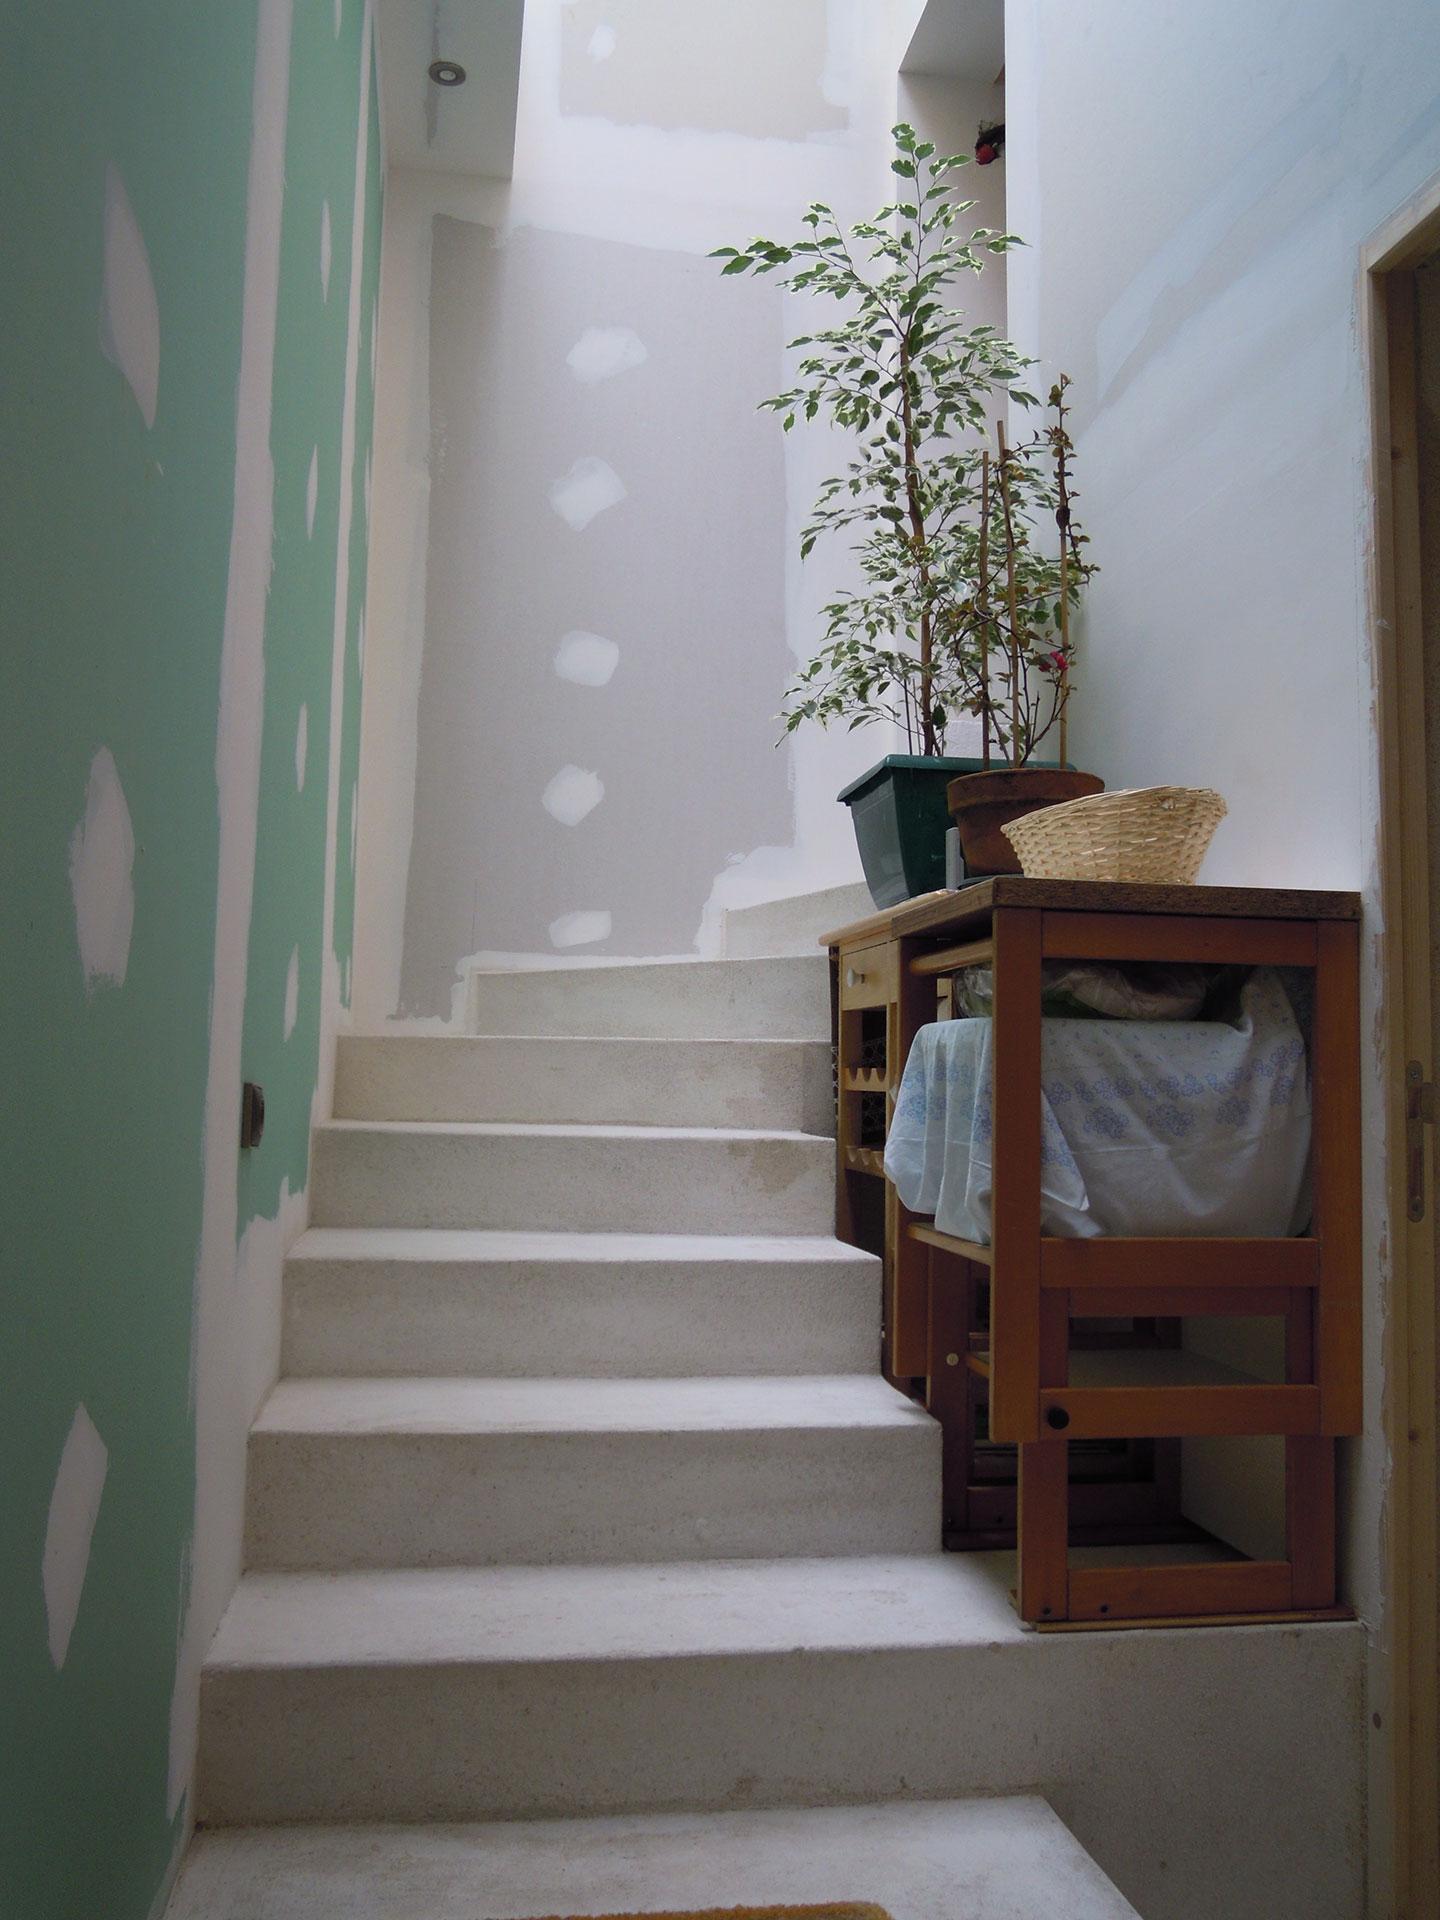 pavillon-quasart-escalier